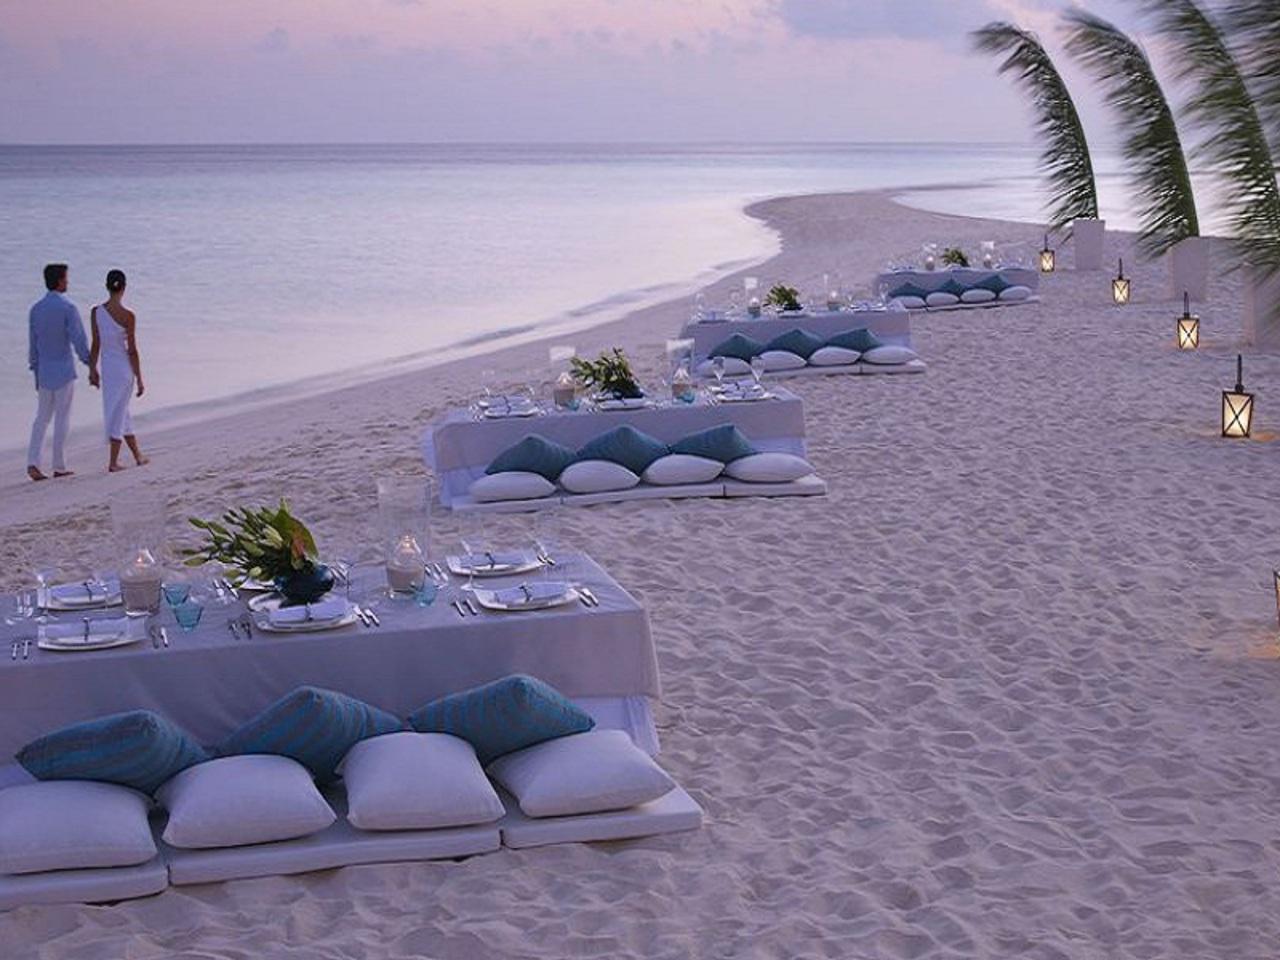 Panik Gelin Kumlarin Uzerinde Evlenmek Beach Wedding